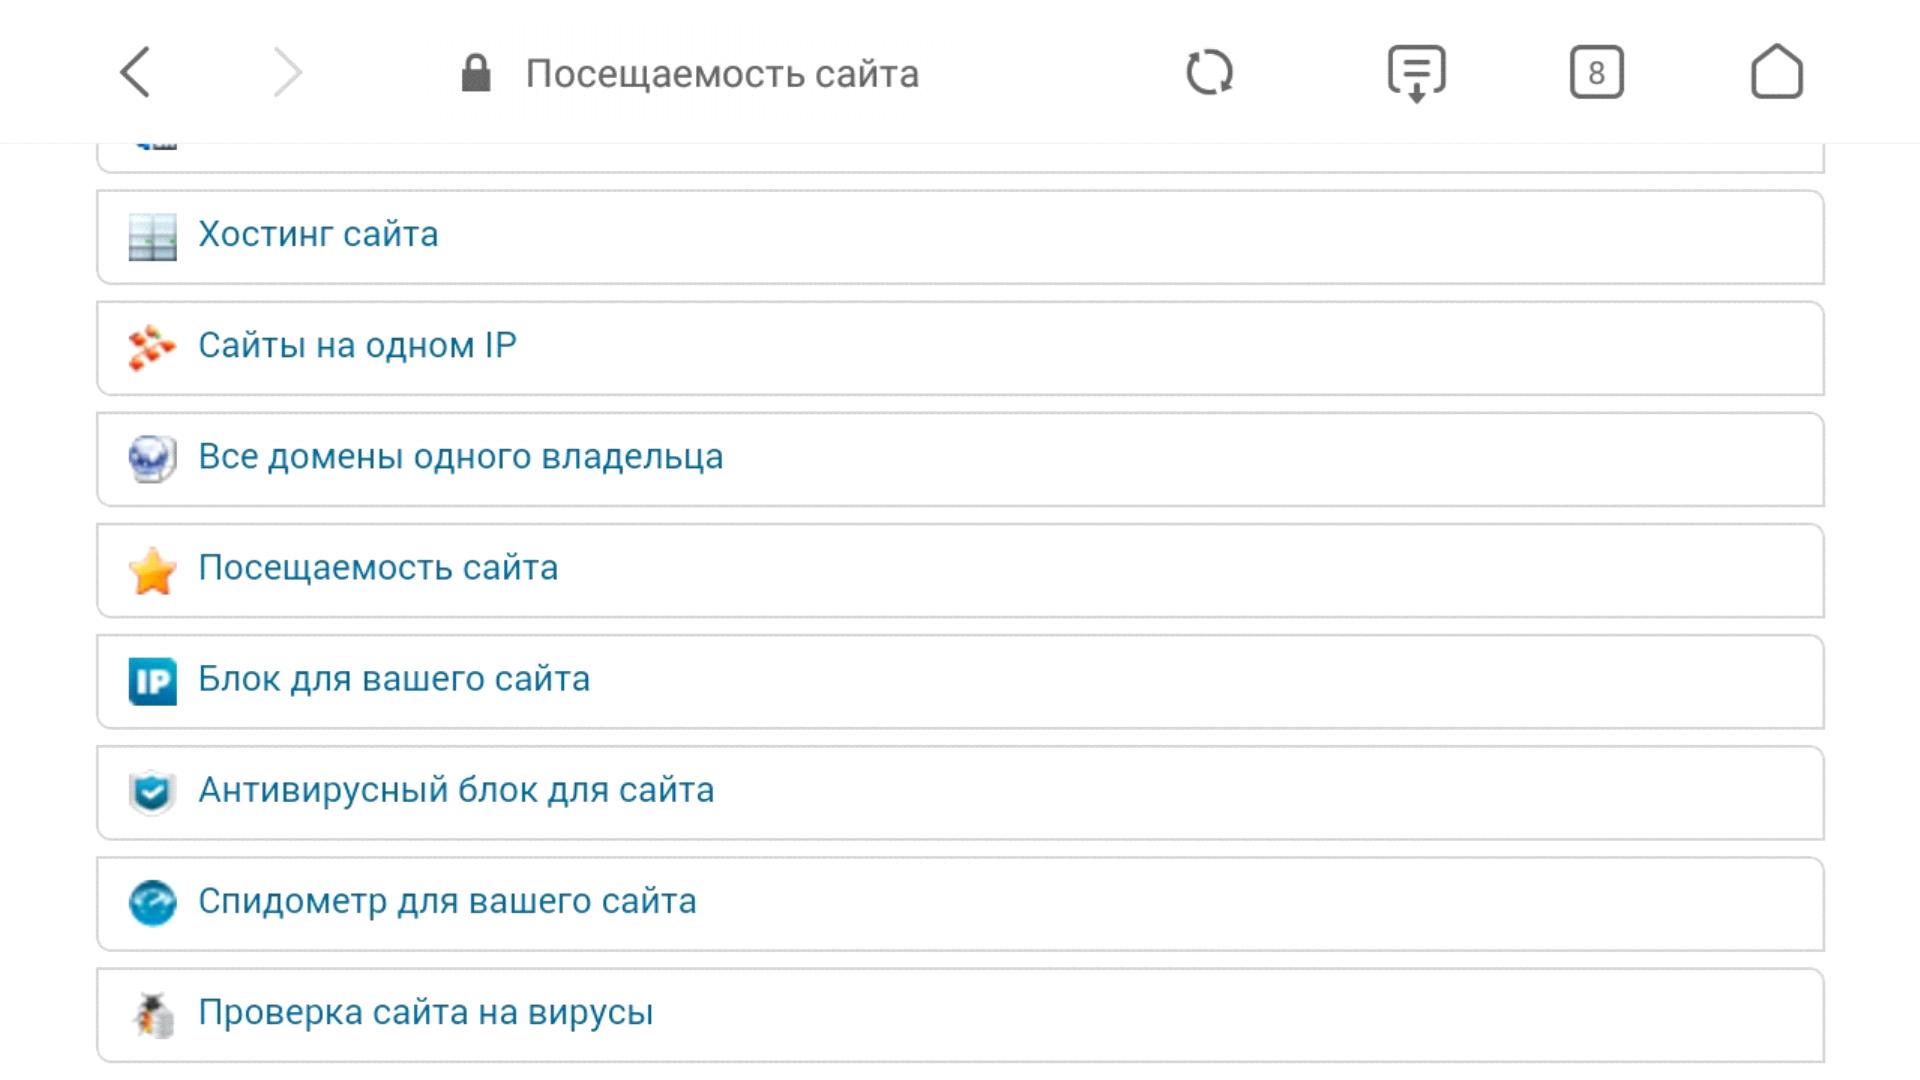 Проверить статистику сайта онлайн